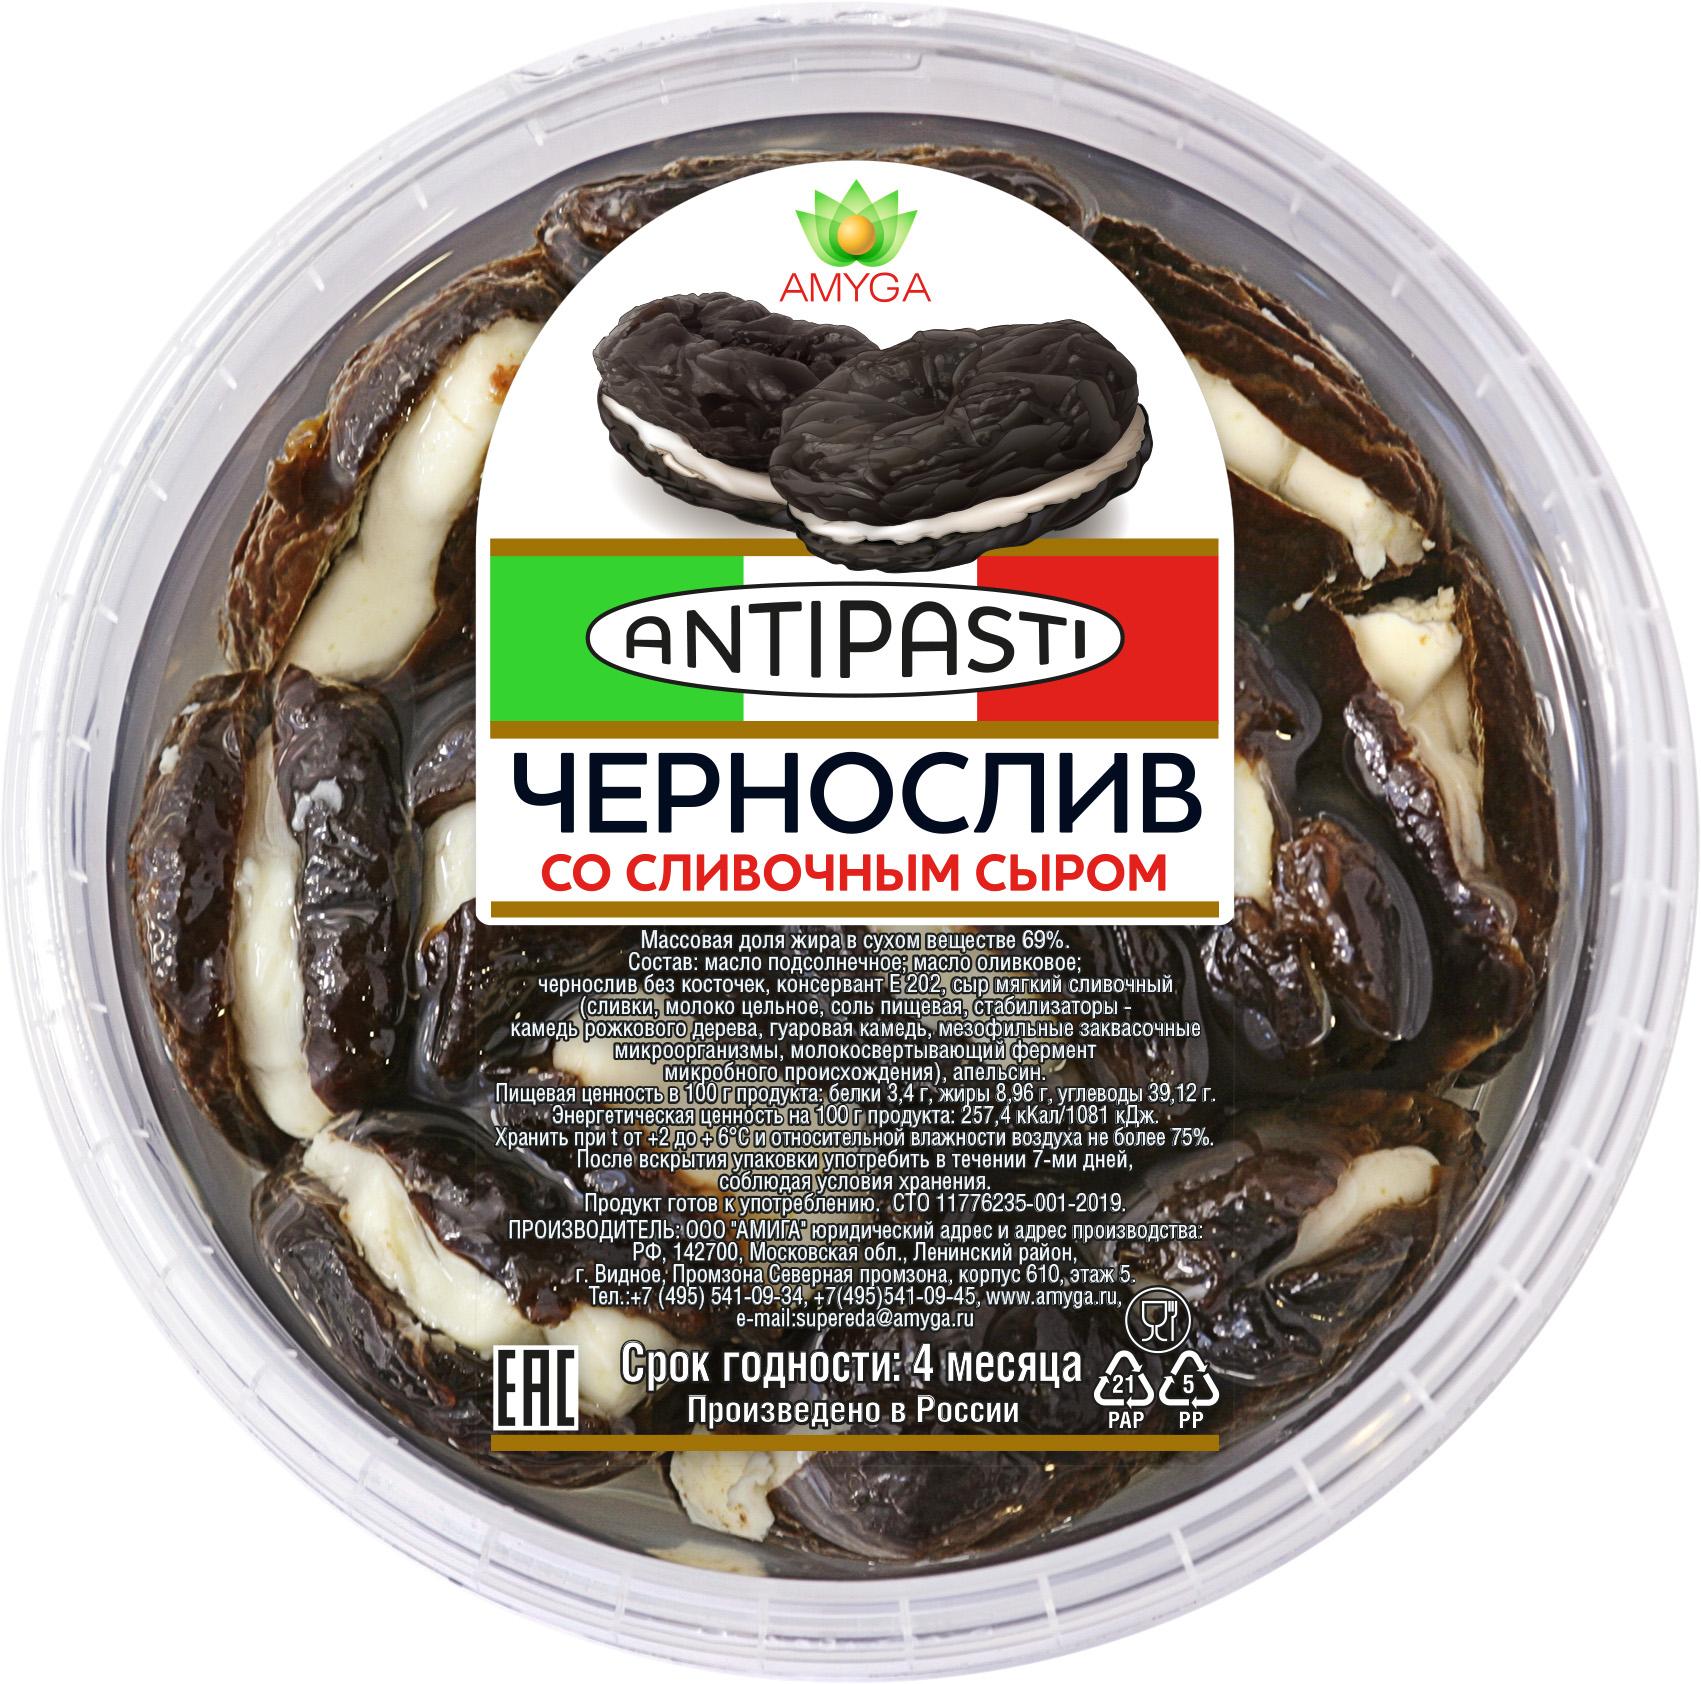 Черносливсо сливочным сыром